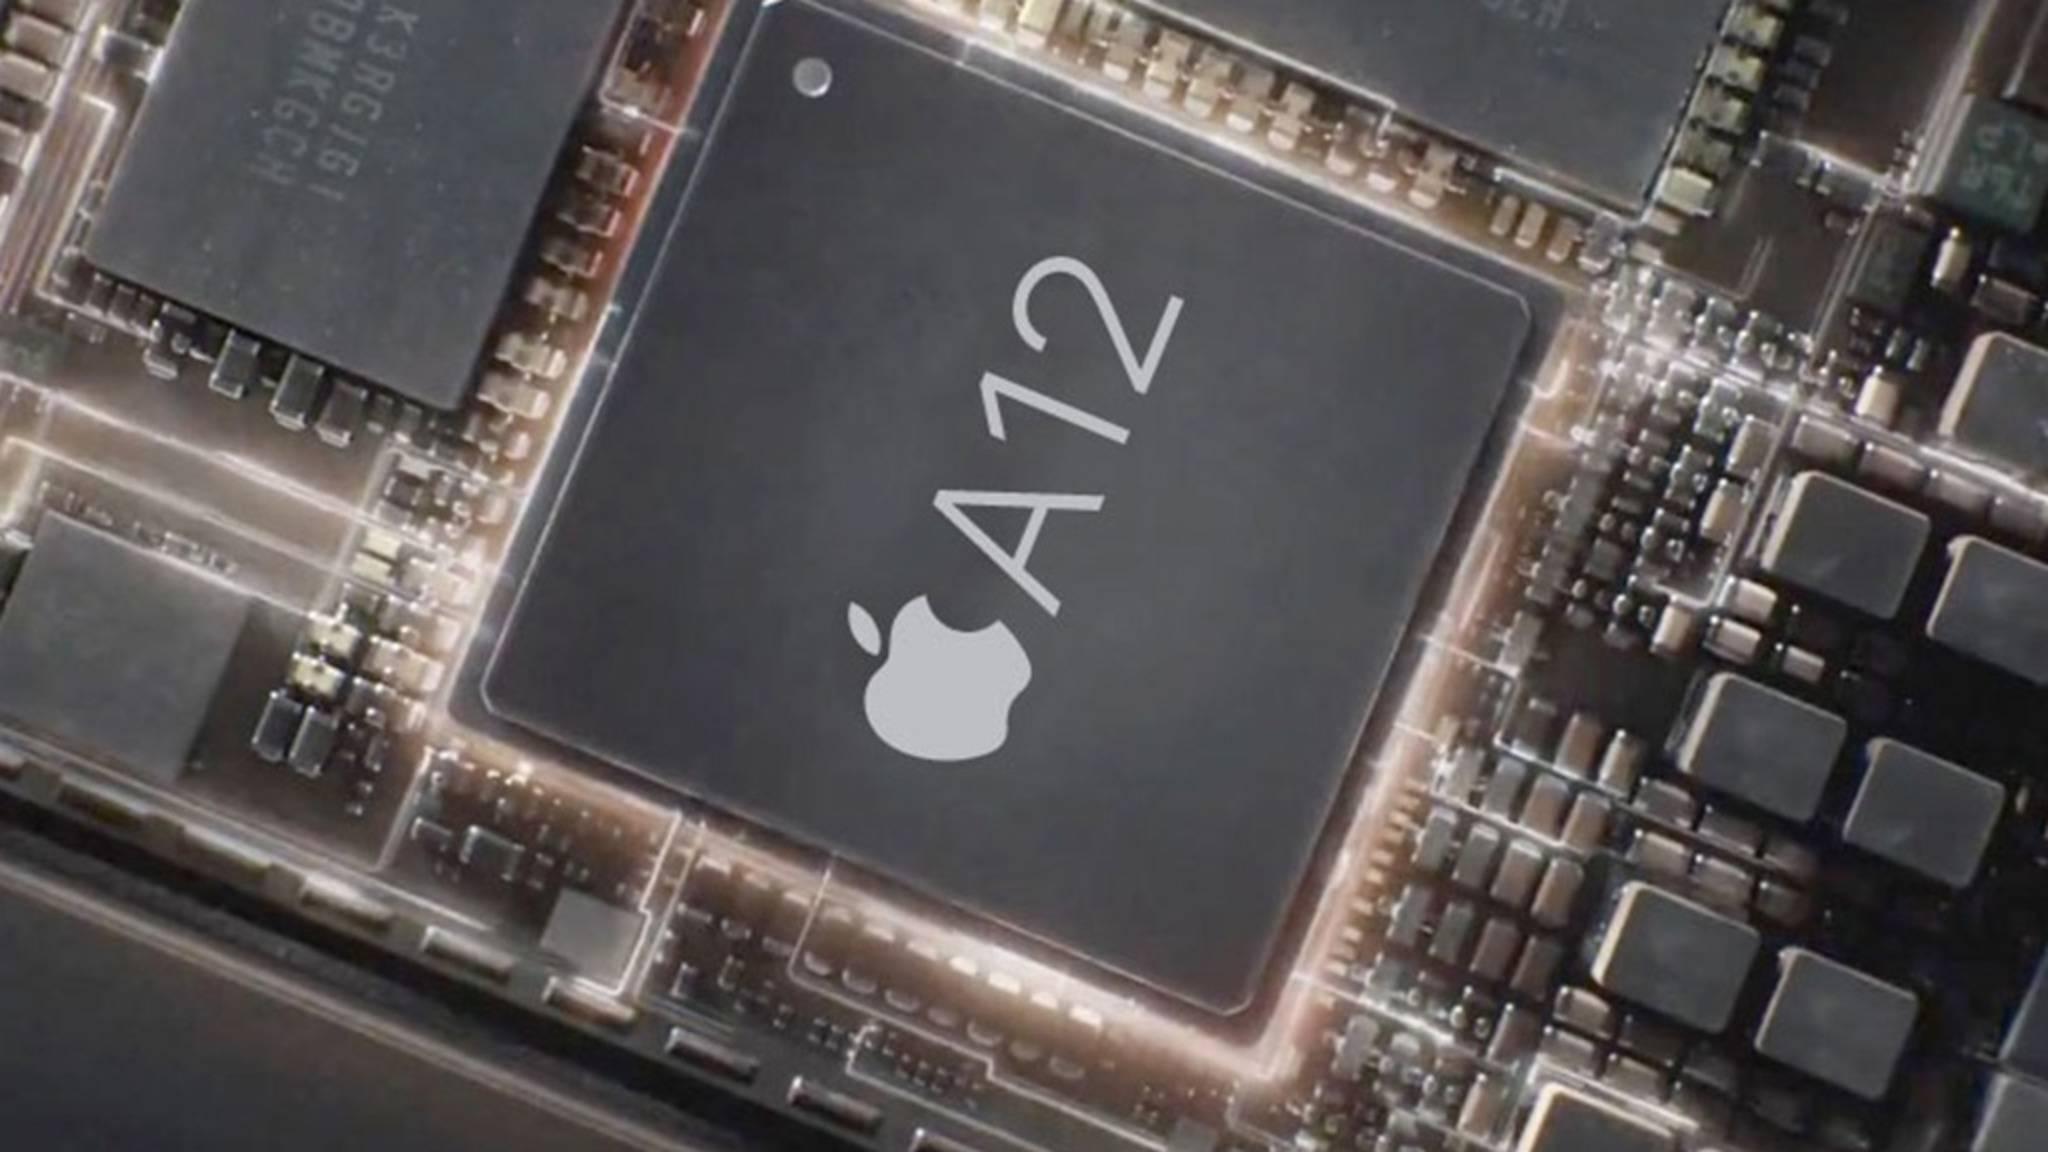 Auch der A12 wurde von Apple vor dem Release sicher auf Herz und Nieren geprüft.